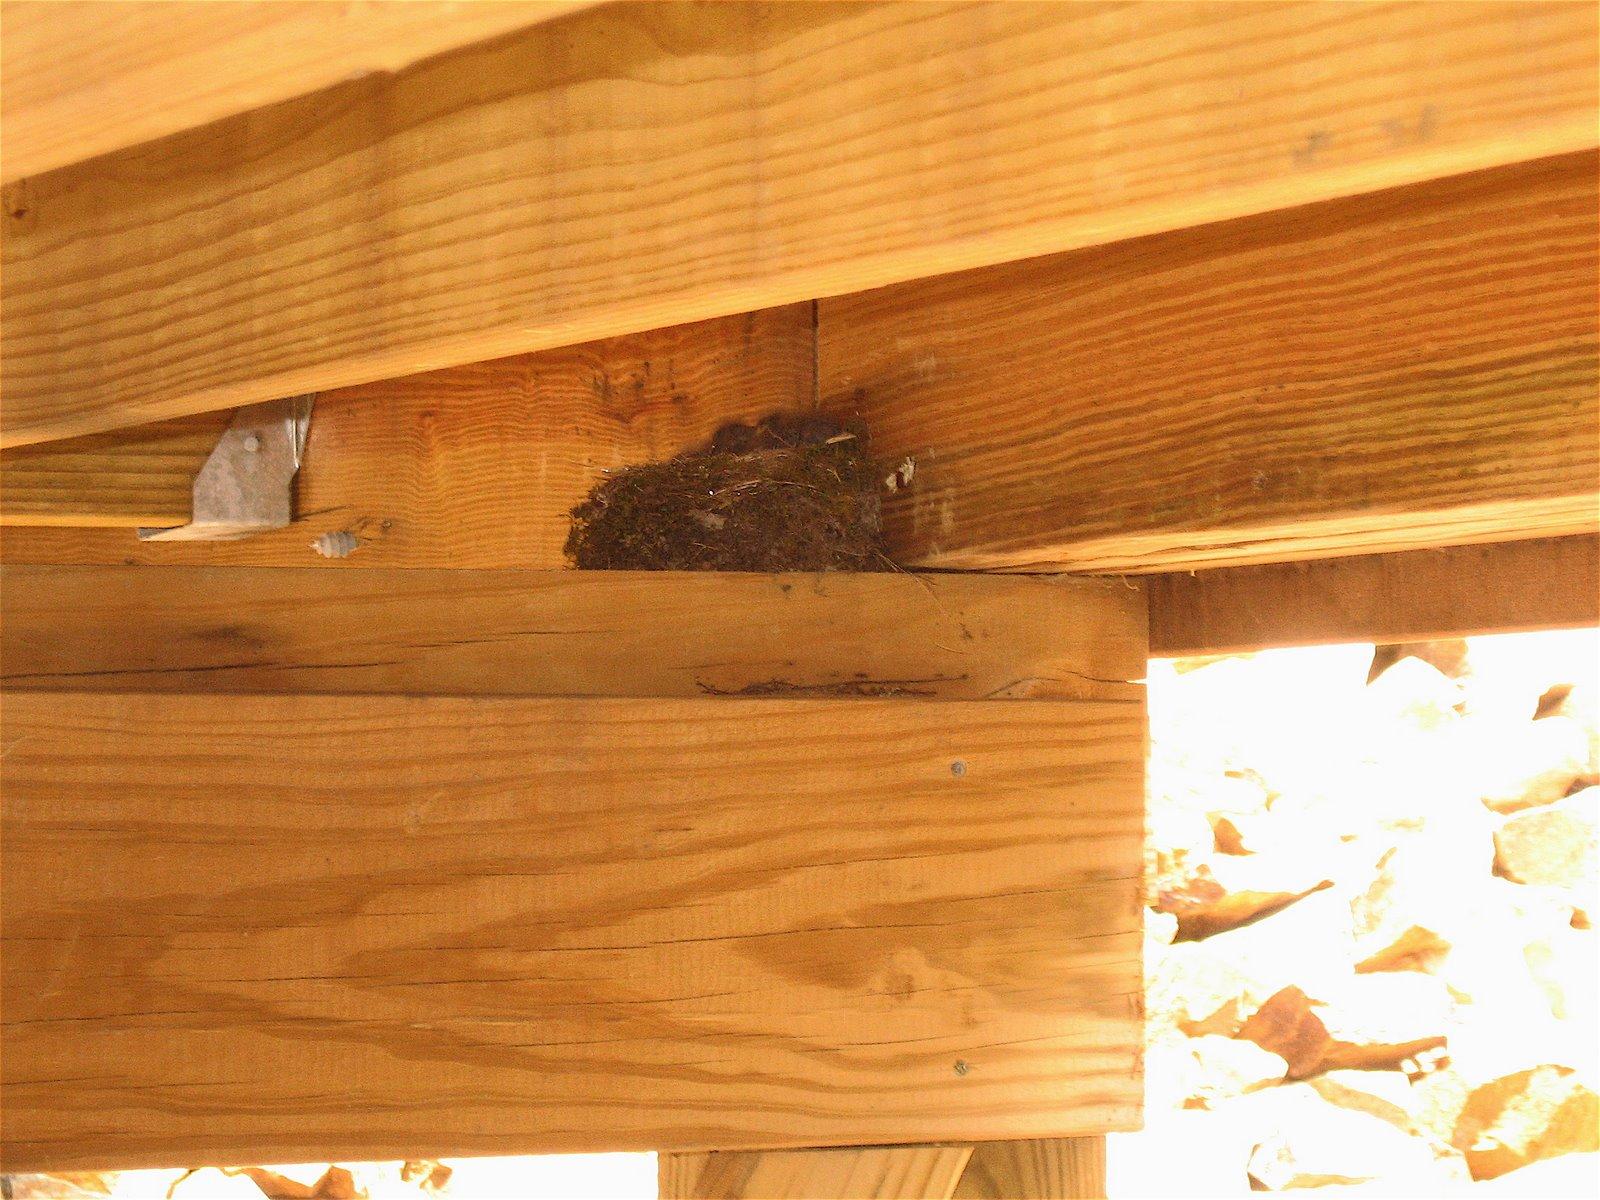 [Bird+Nest.JPG]